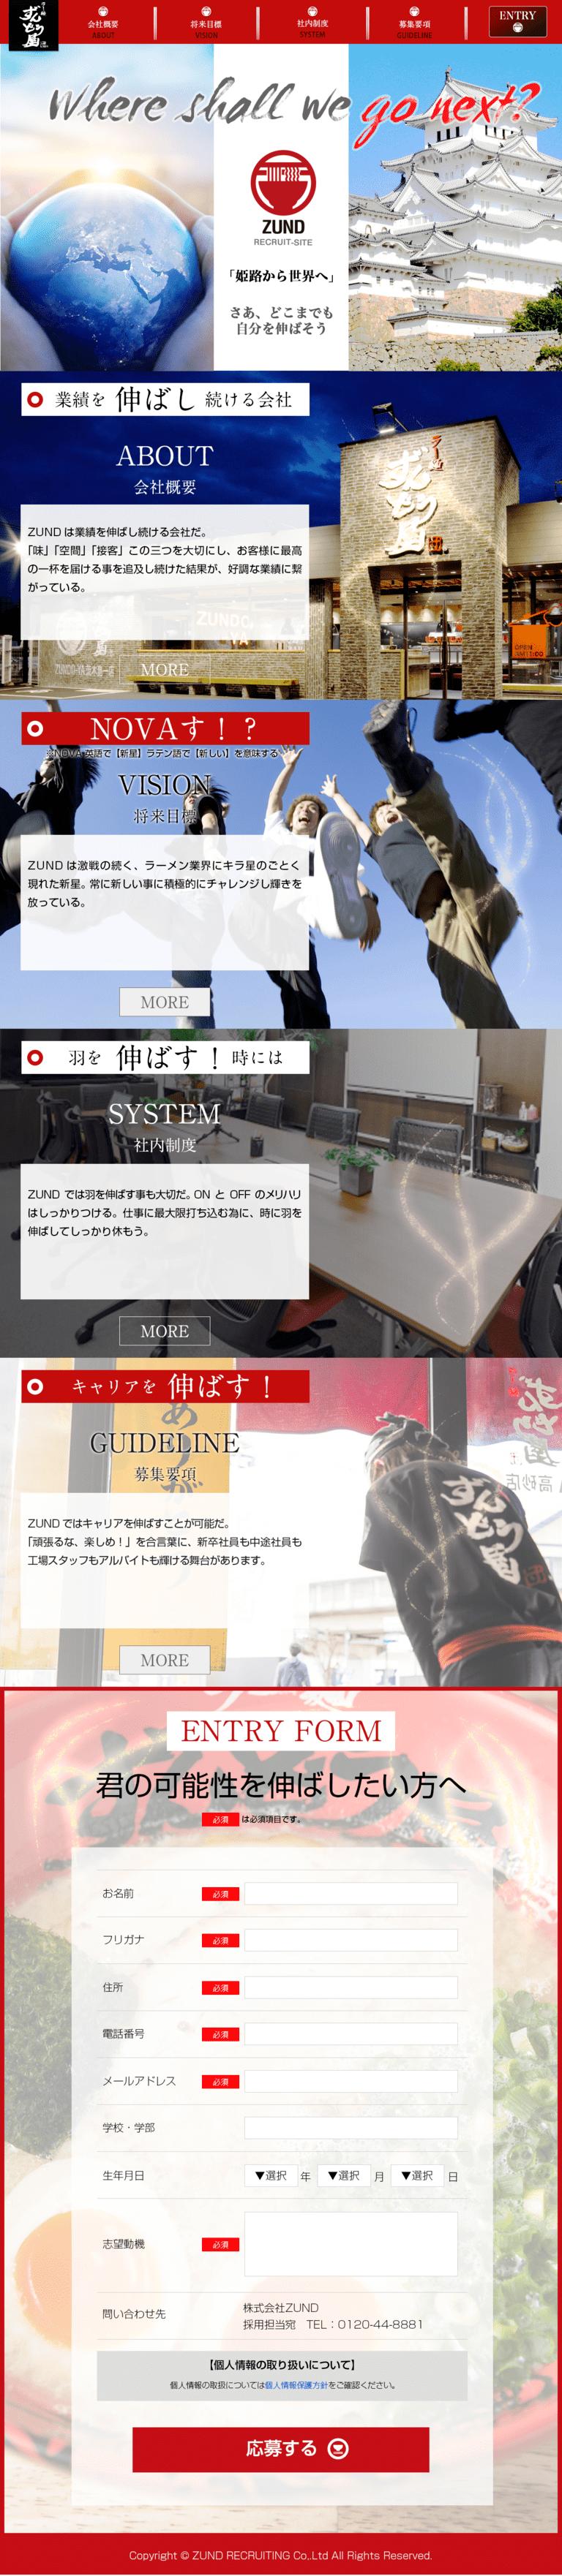 【東証1部上場企業グループ】㈱ZUND(ラー麺ずんどう屋)様 採用サイト